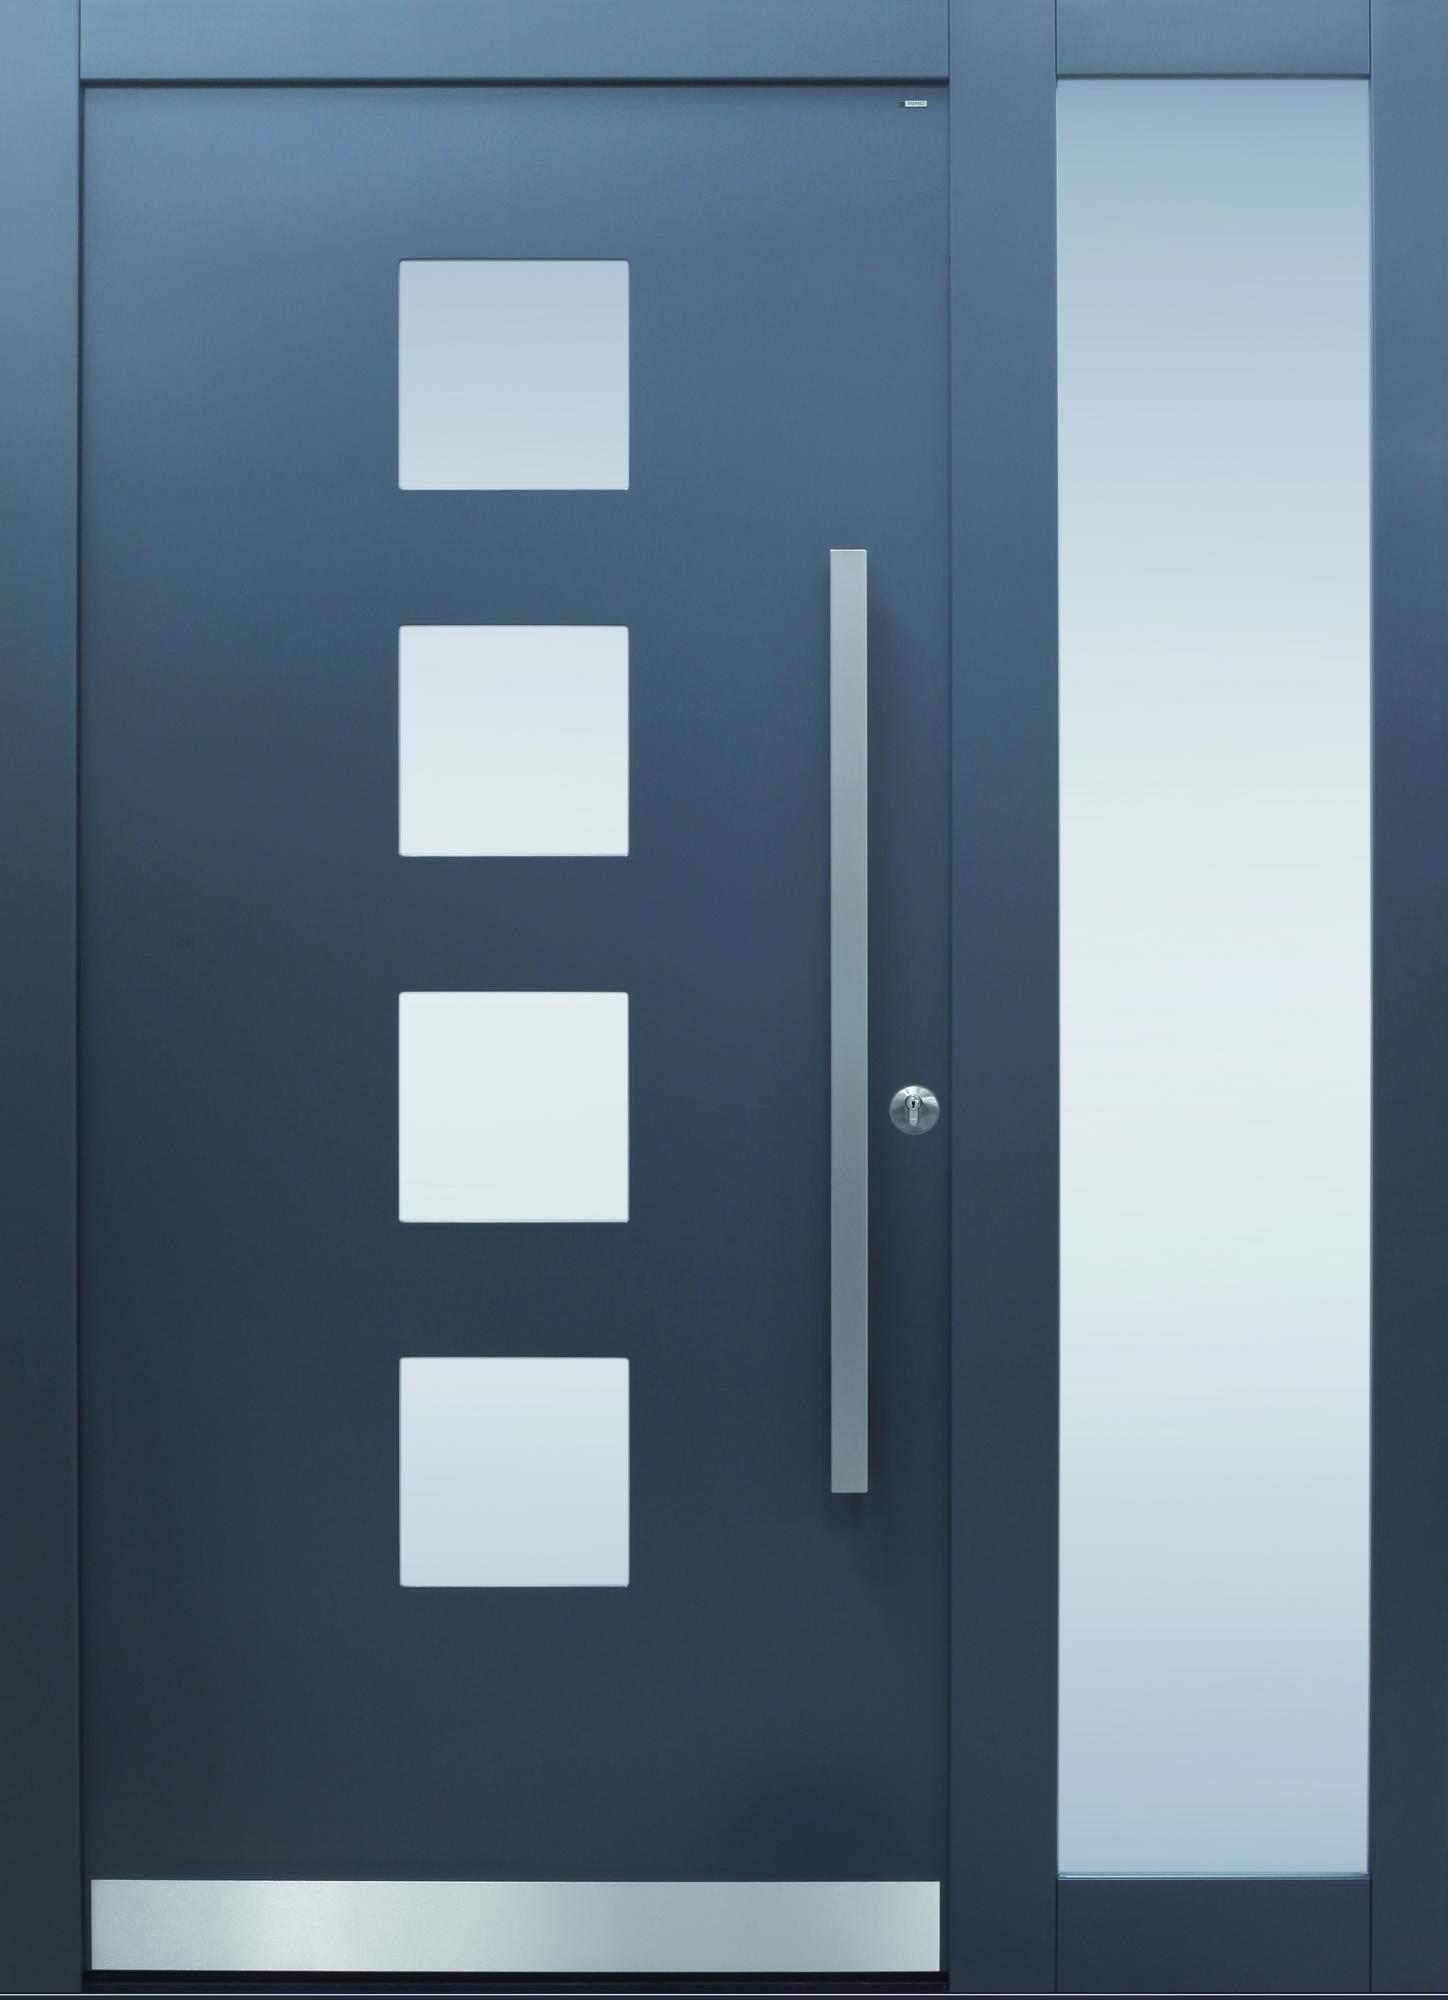 Eingangstüren mit seitenteil modern  TOPIC - Haustüren von Meisterhand TOPIC - die Türenmanufaktur